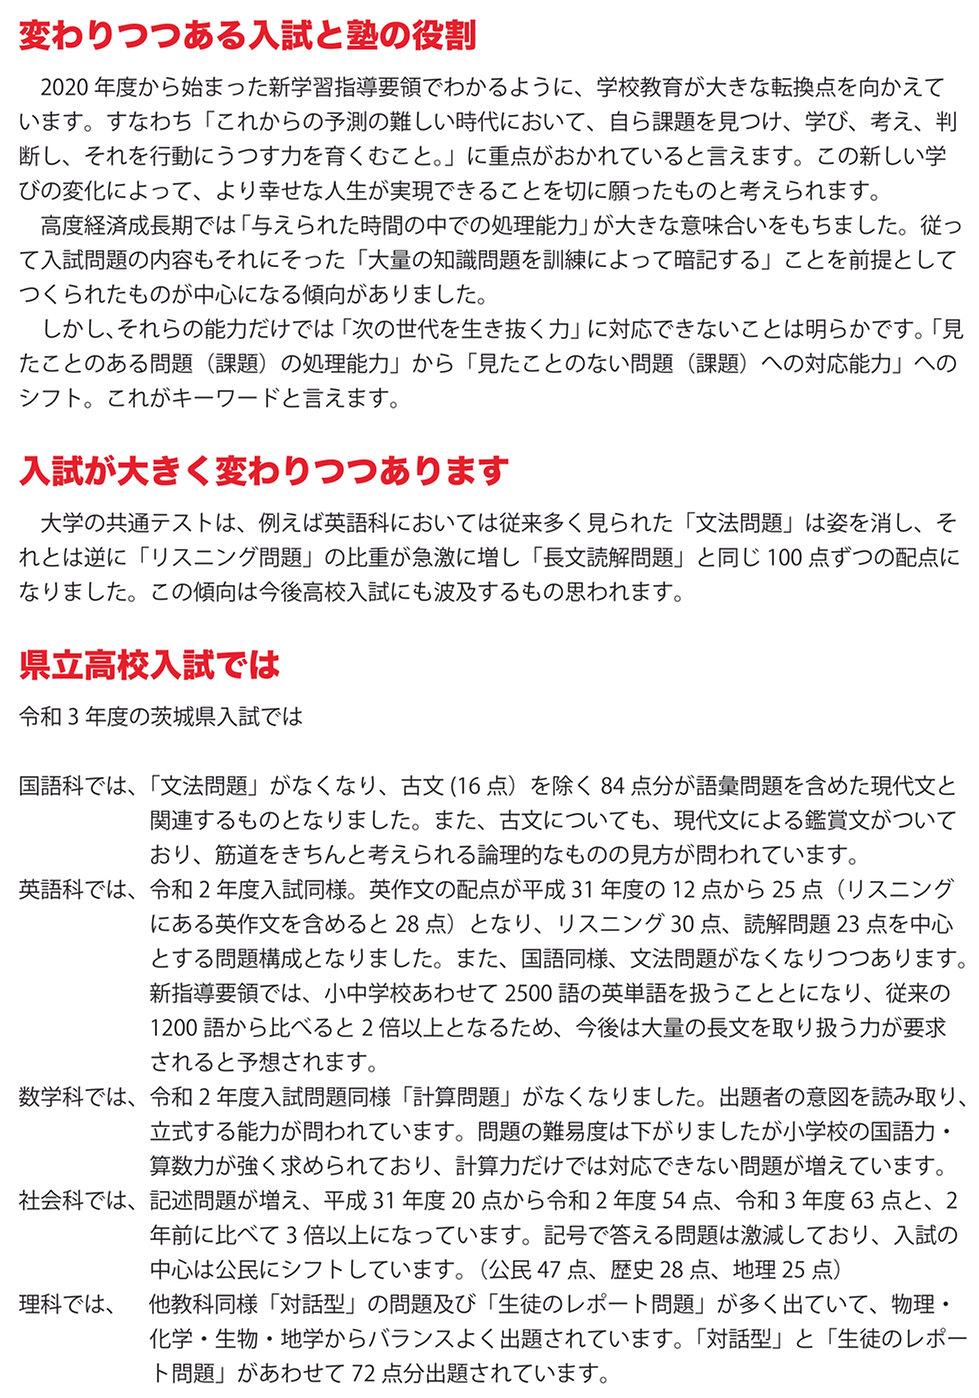 21_6耐t1.jpg